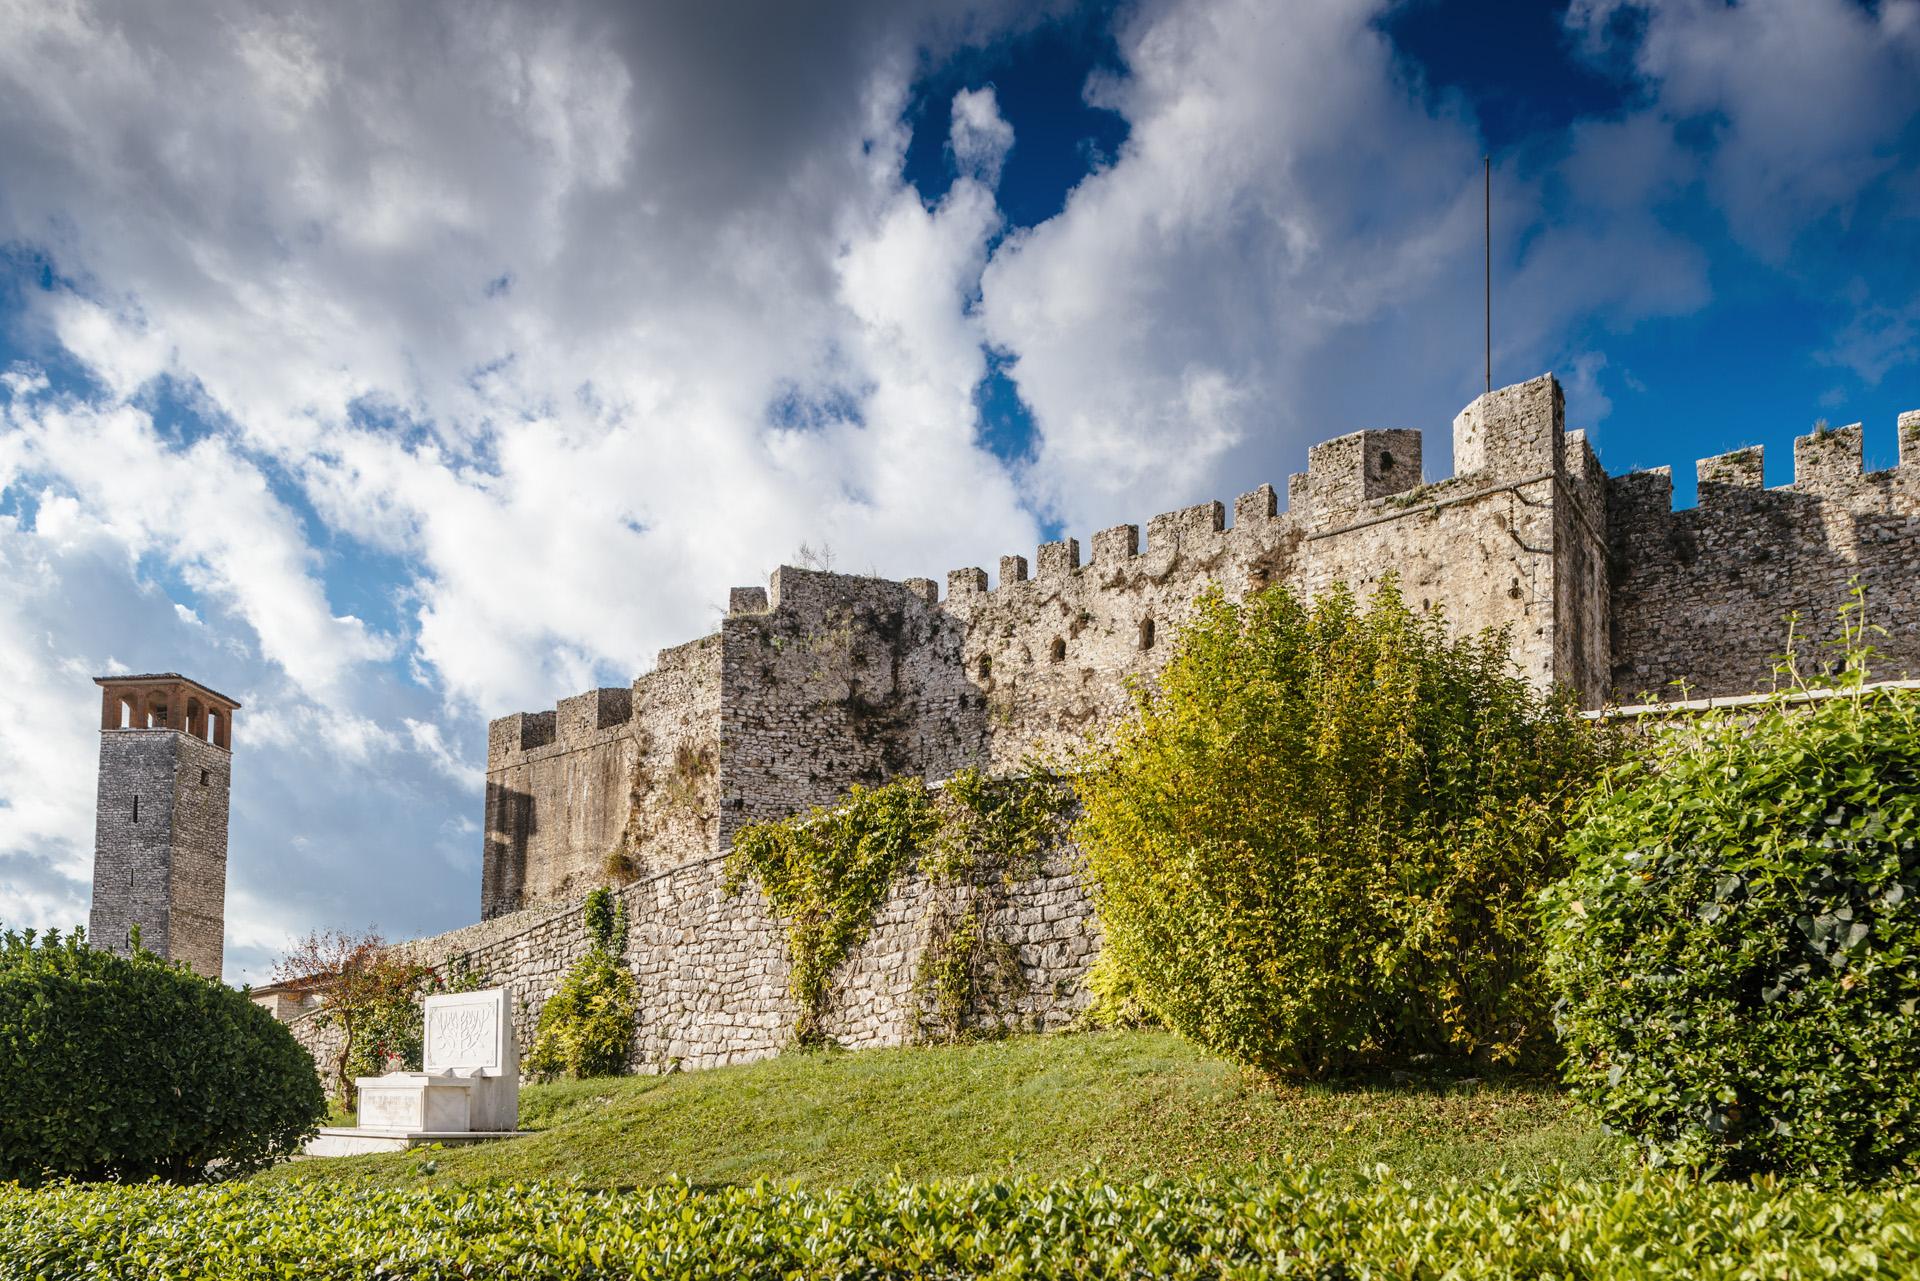 Castle Of Arta 171 ύ ή ί Ή